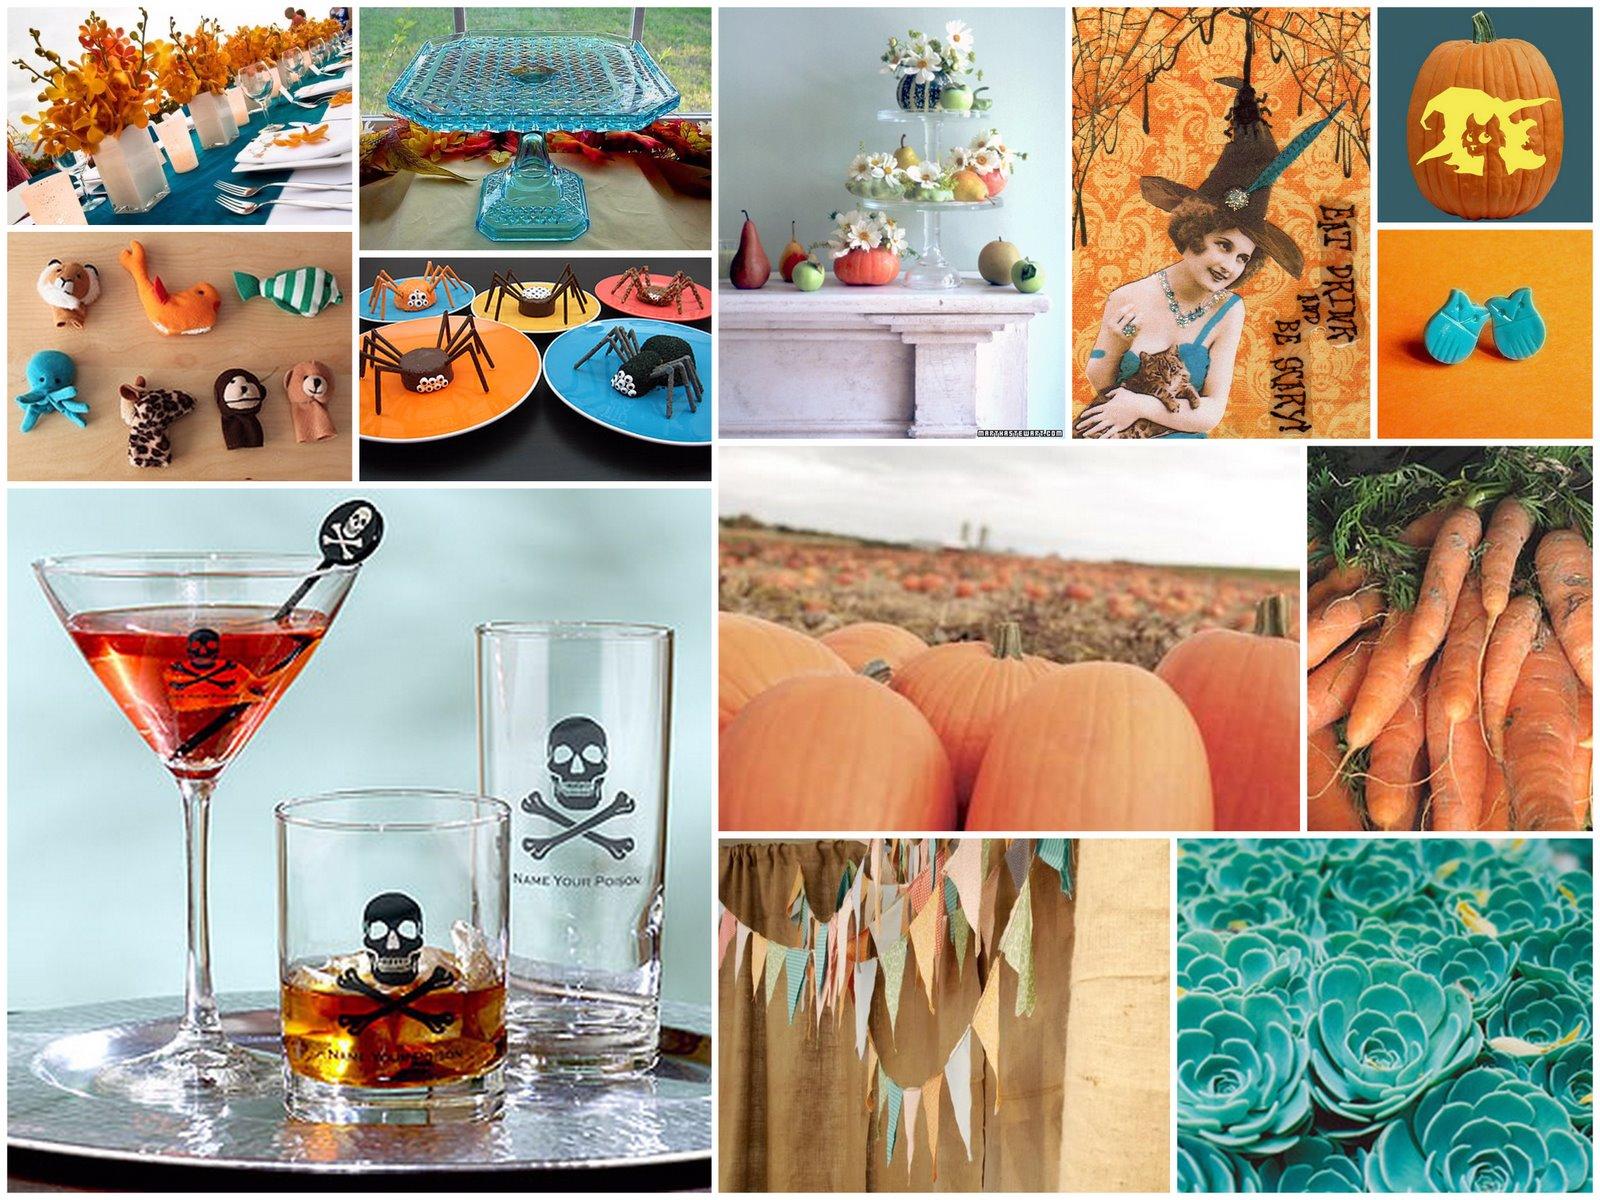 http://3.bp.blogspot.com/-XHAxzADRI1U/TqBKZvfGtAI/AAAAAAAACfk/JTkLhTdA2OU/s1600/2011-10-20.jpg